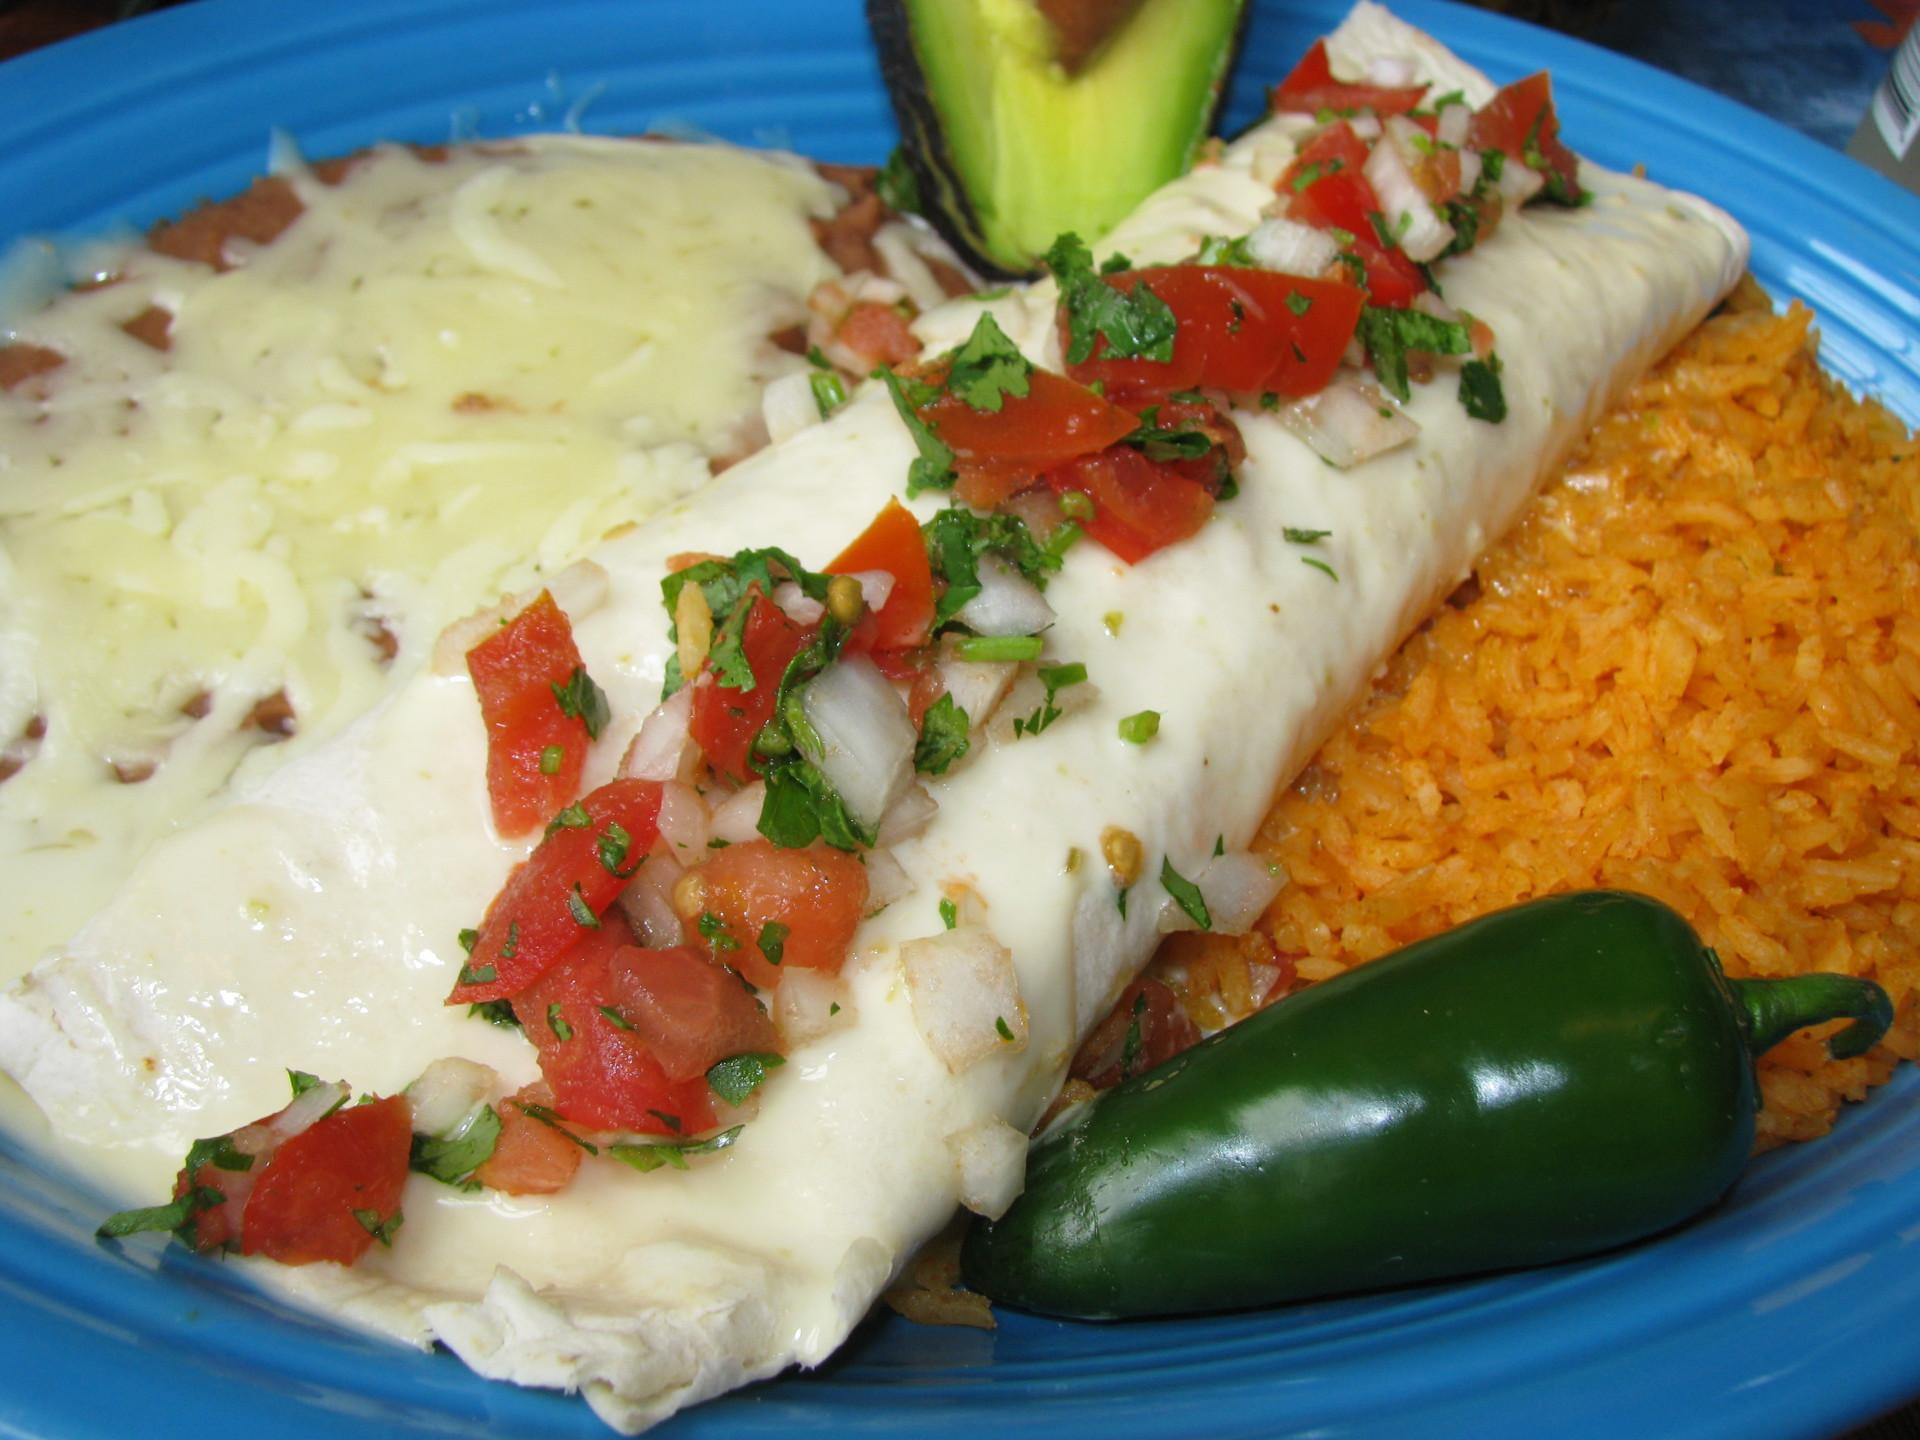 Burrito Norteño